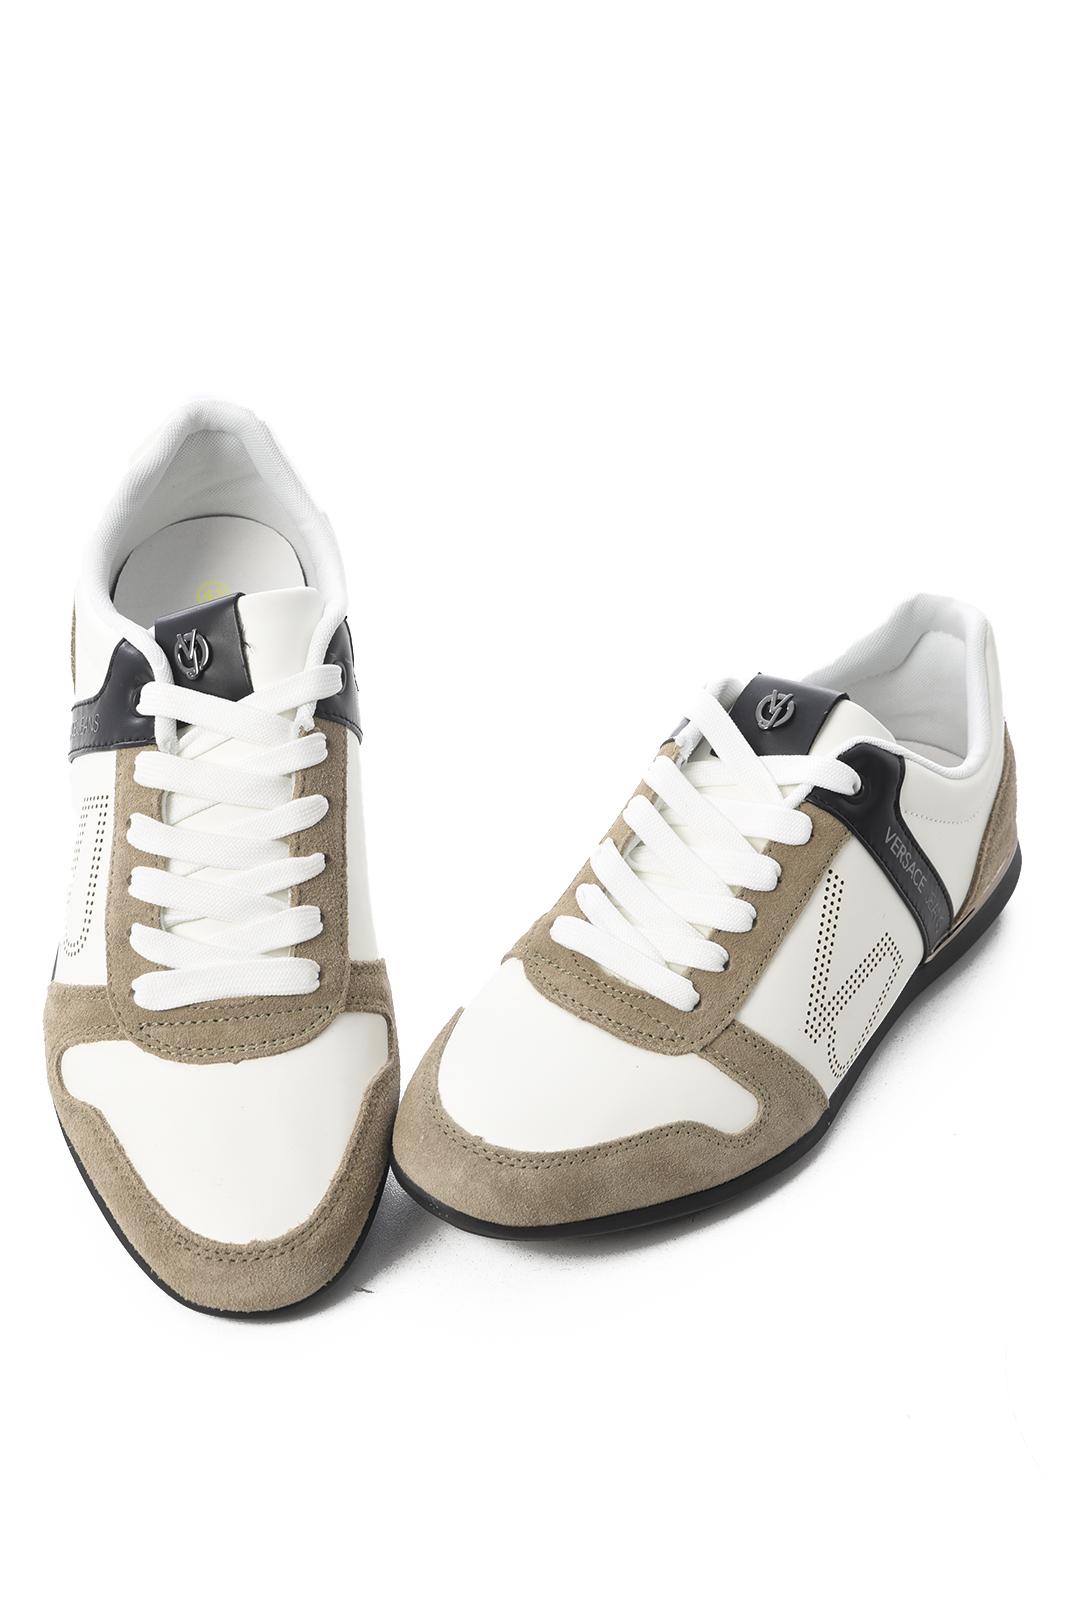 Baskets / Sport  Versace Jeans YRBSB7 MCD WHITE BEIGE